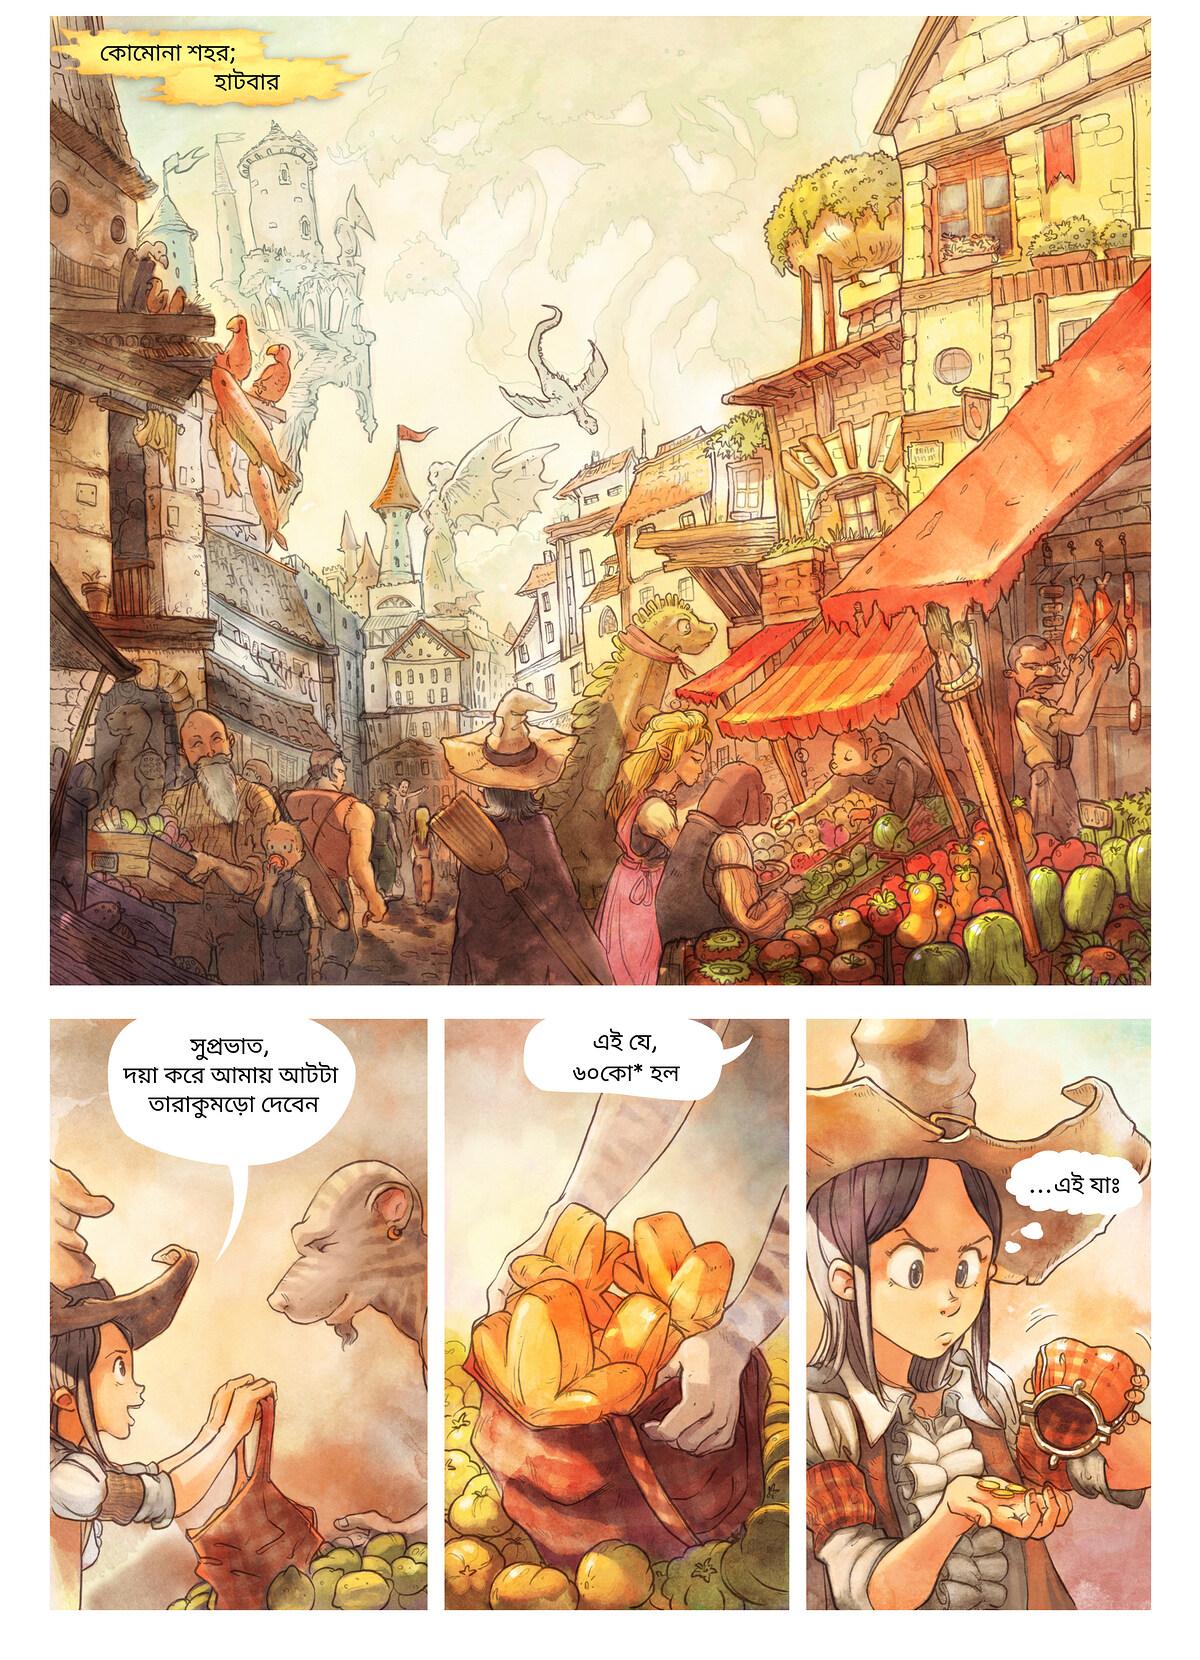 গল্প ৩: গোপন উপকরণ, Page 1